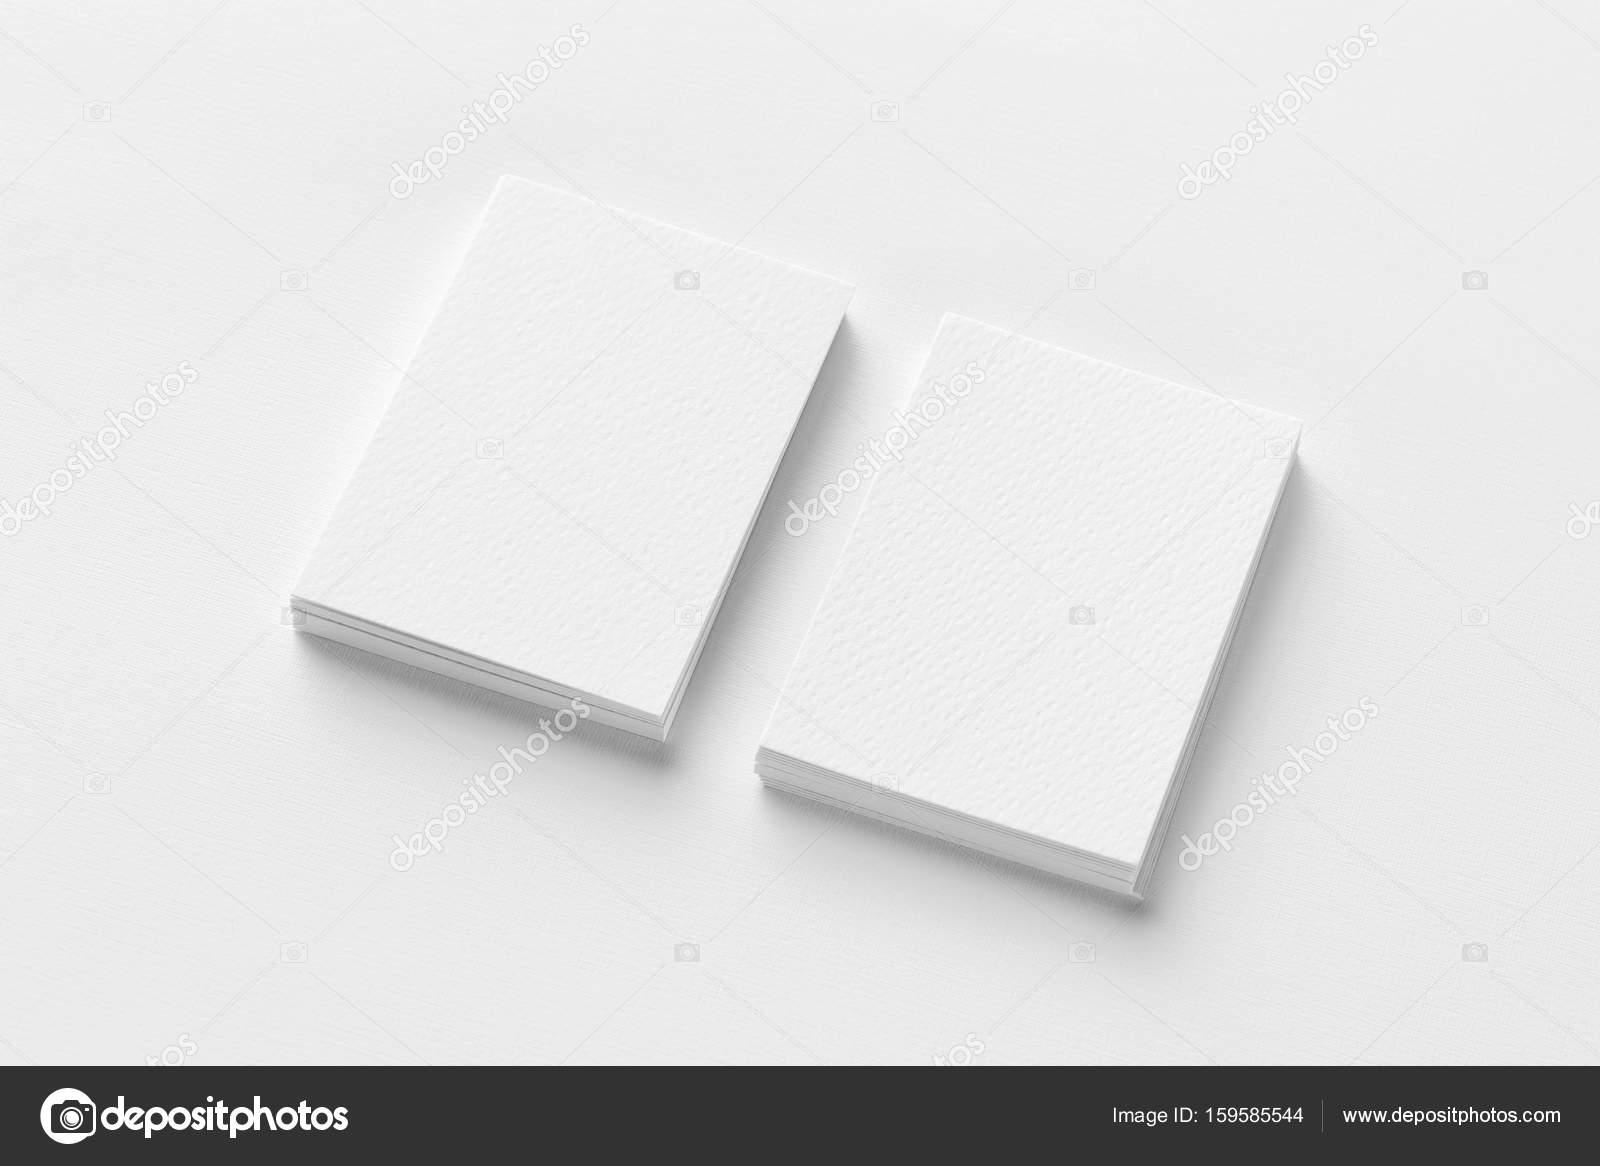 Maquette De Deux Cartes Visite Verticales Ba Papier Textur Blanc Photo